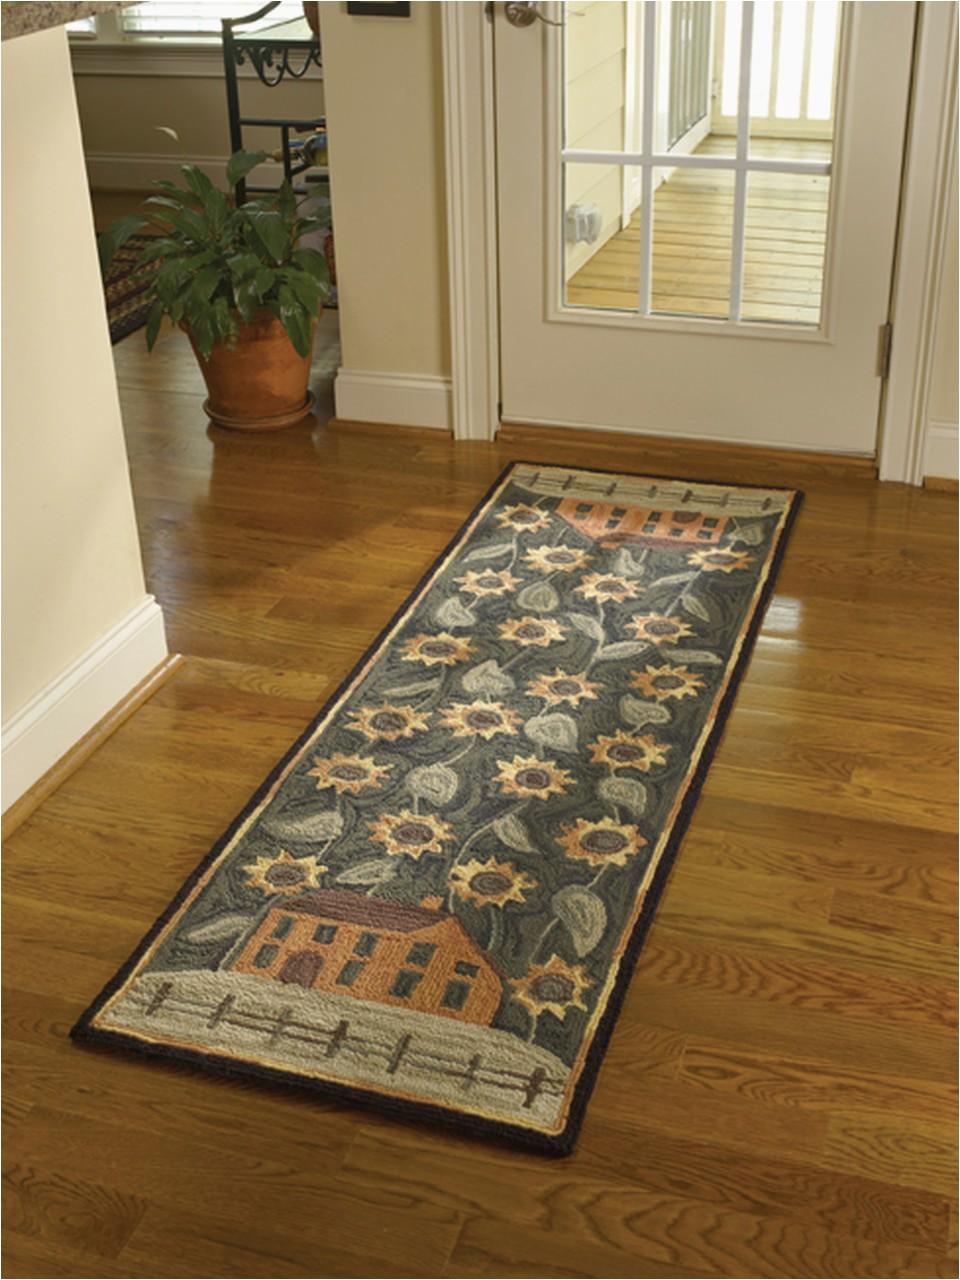 450 37 house sunflower hooked rug runner size 24 x 72